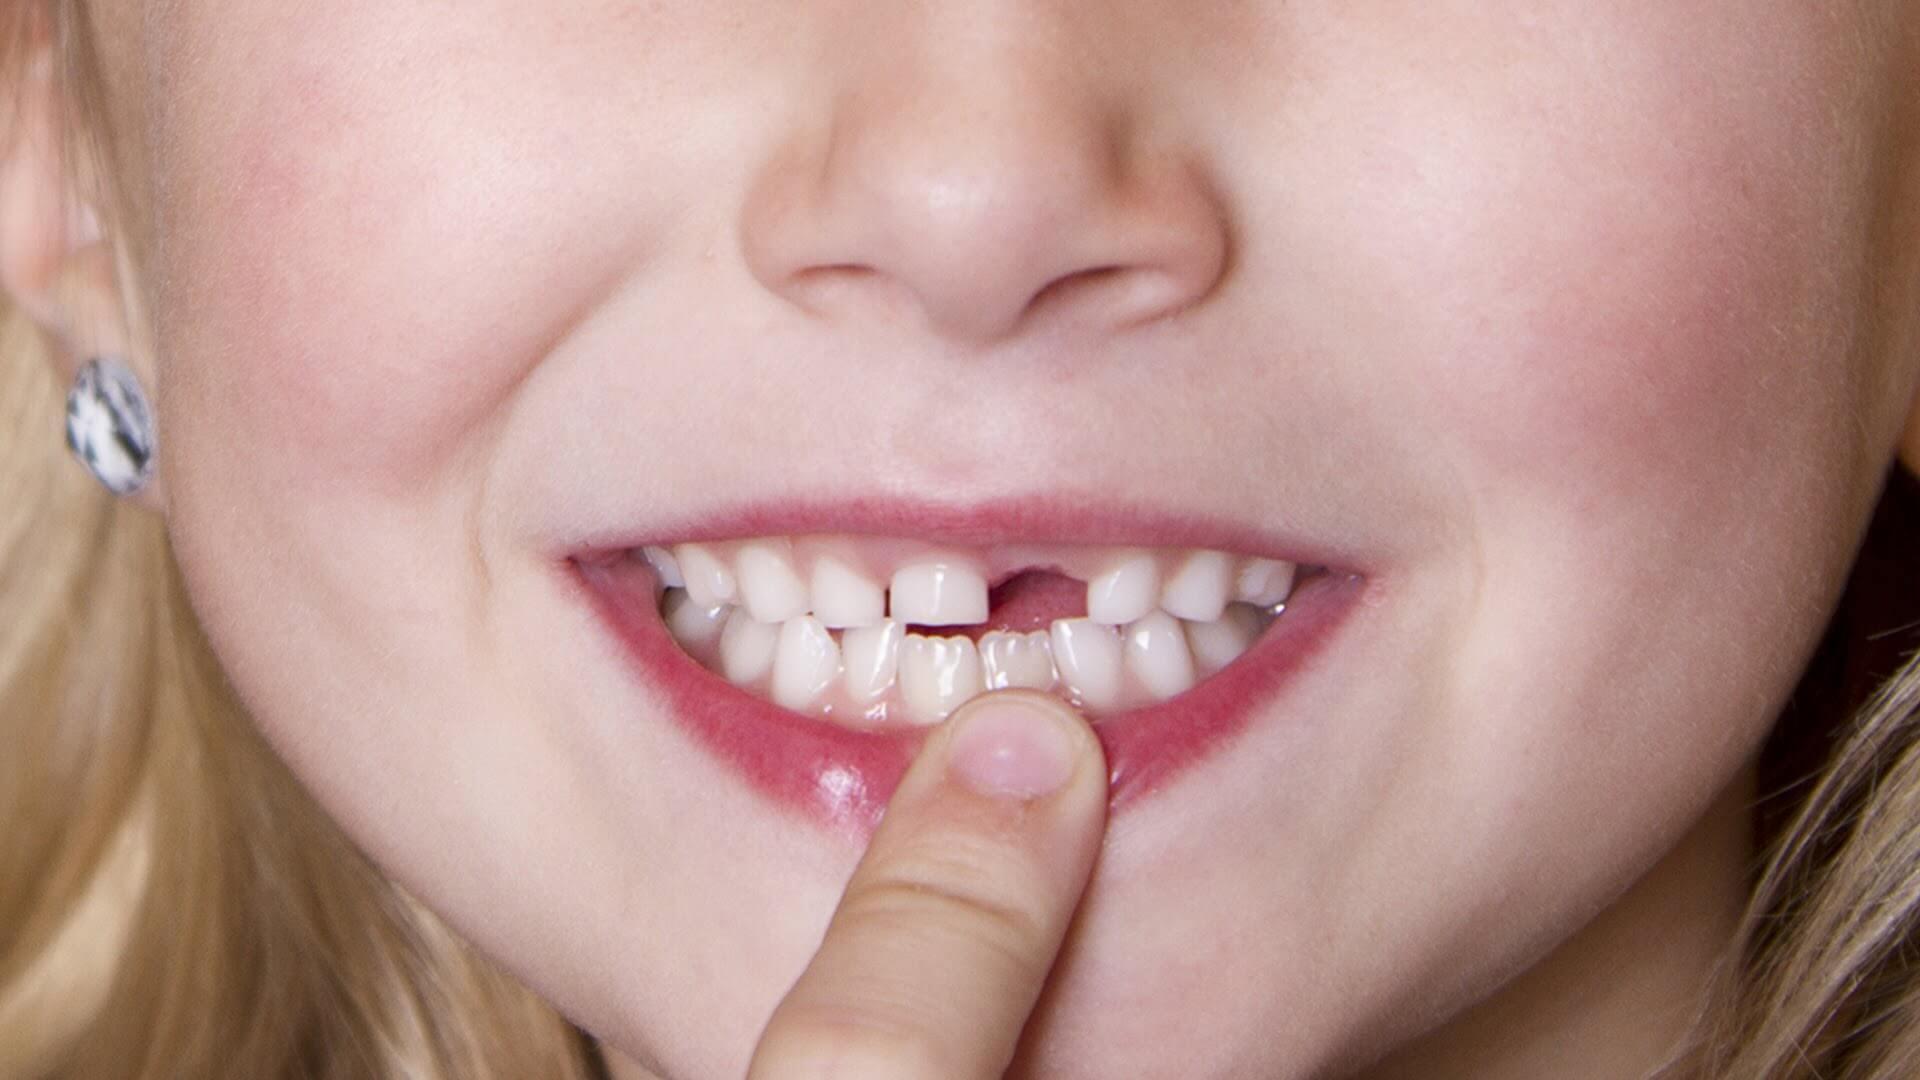 GIẢI ĐÁP 2017 – Trồng răng cửa bằng phương pháp nào tốt nhất?